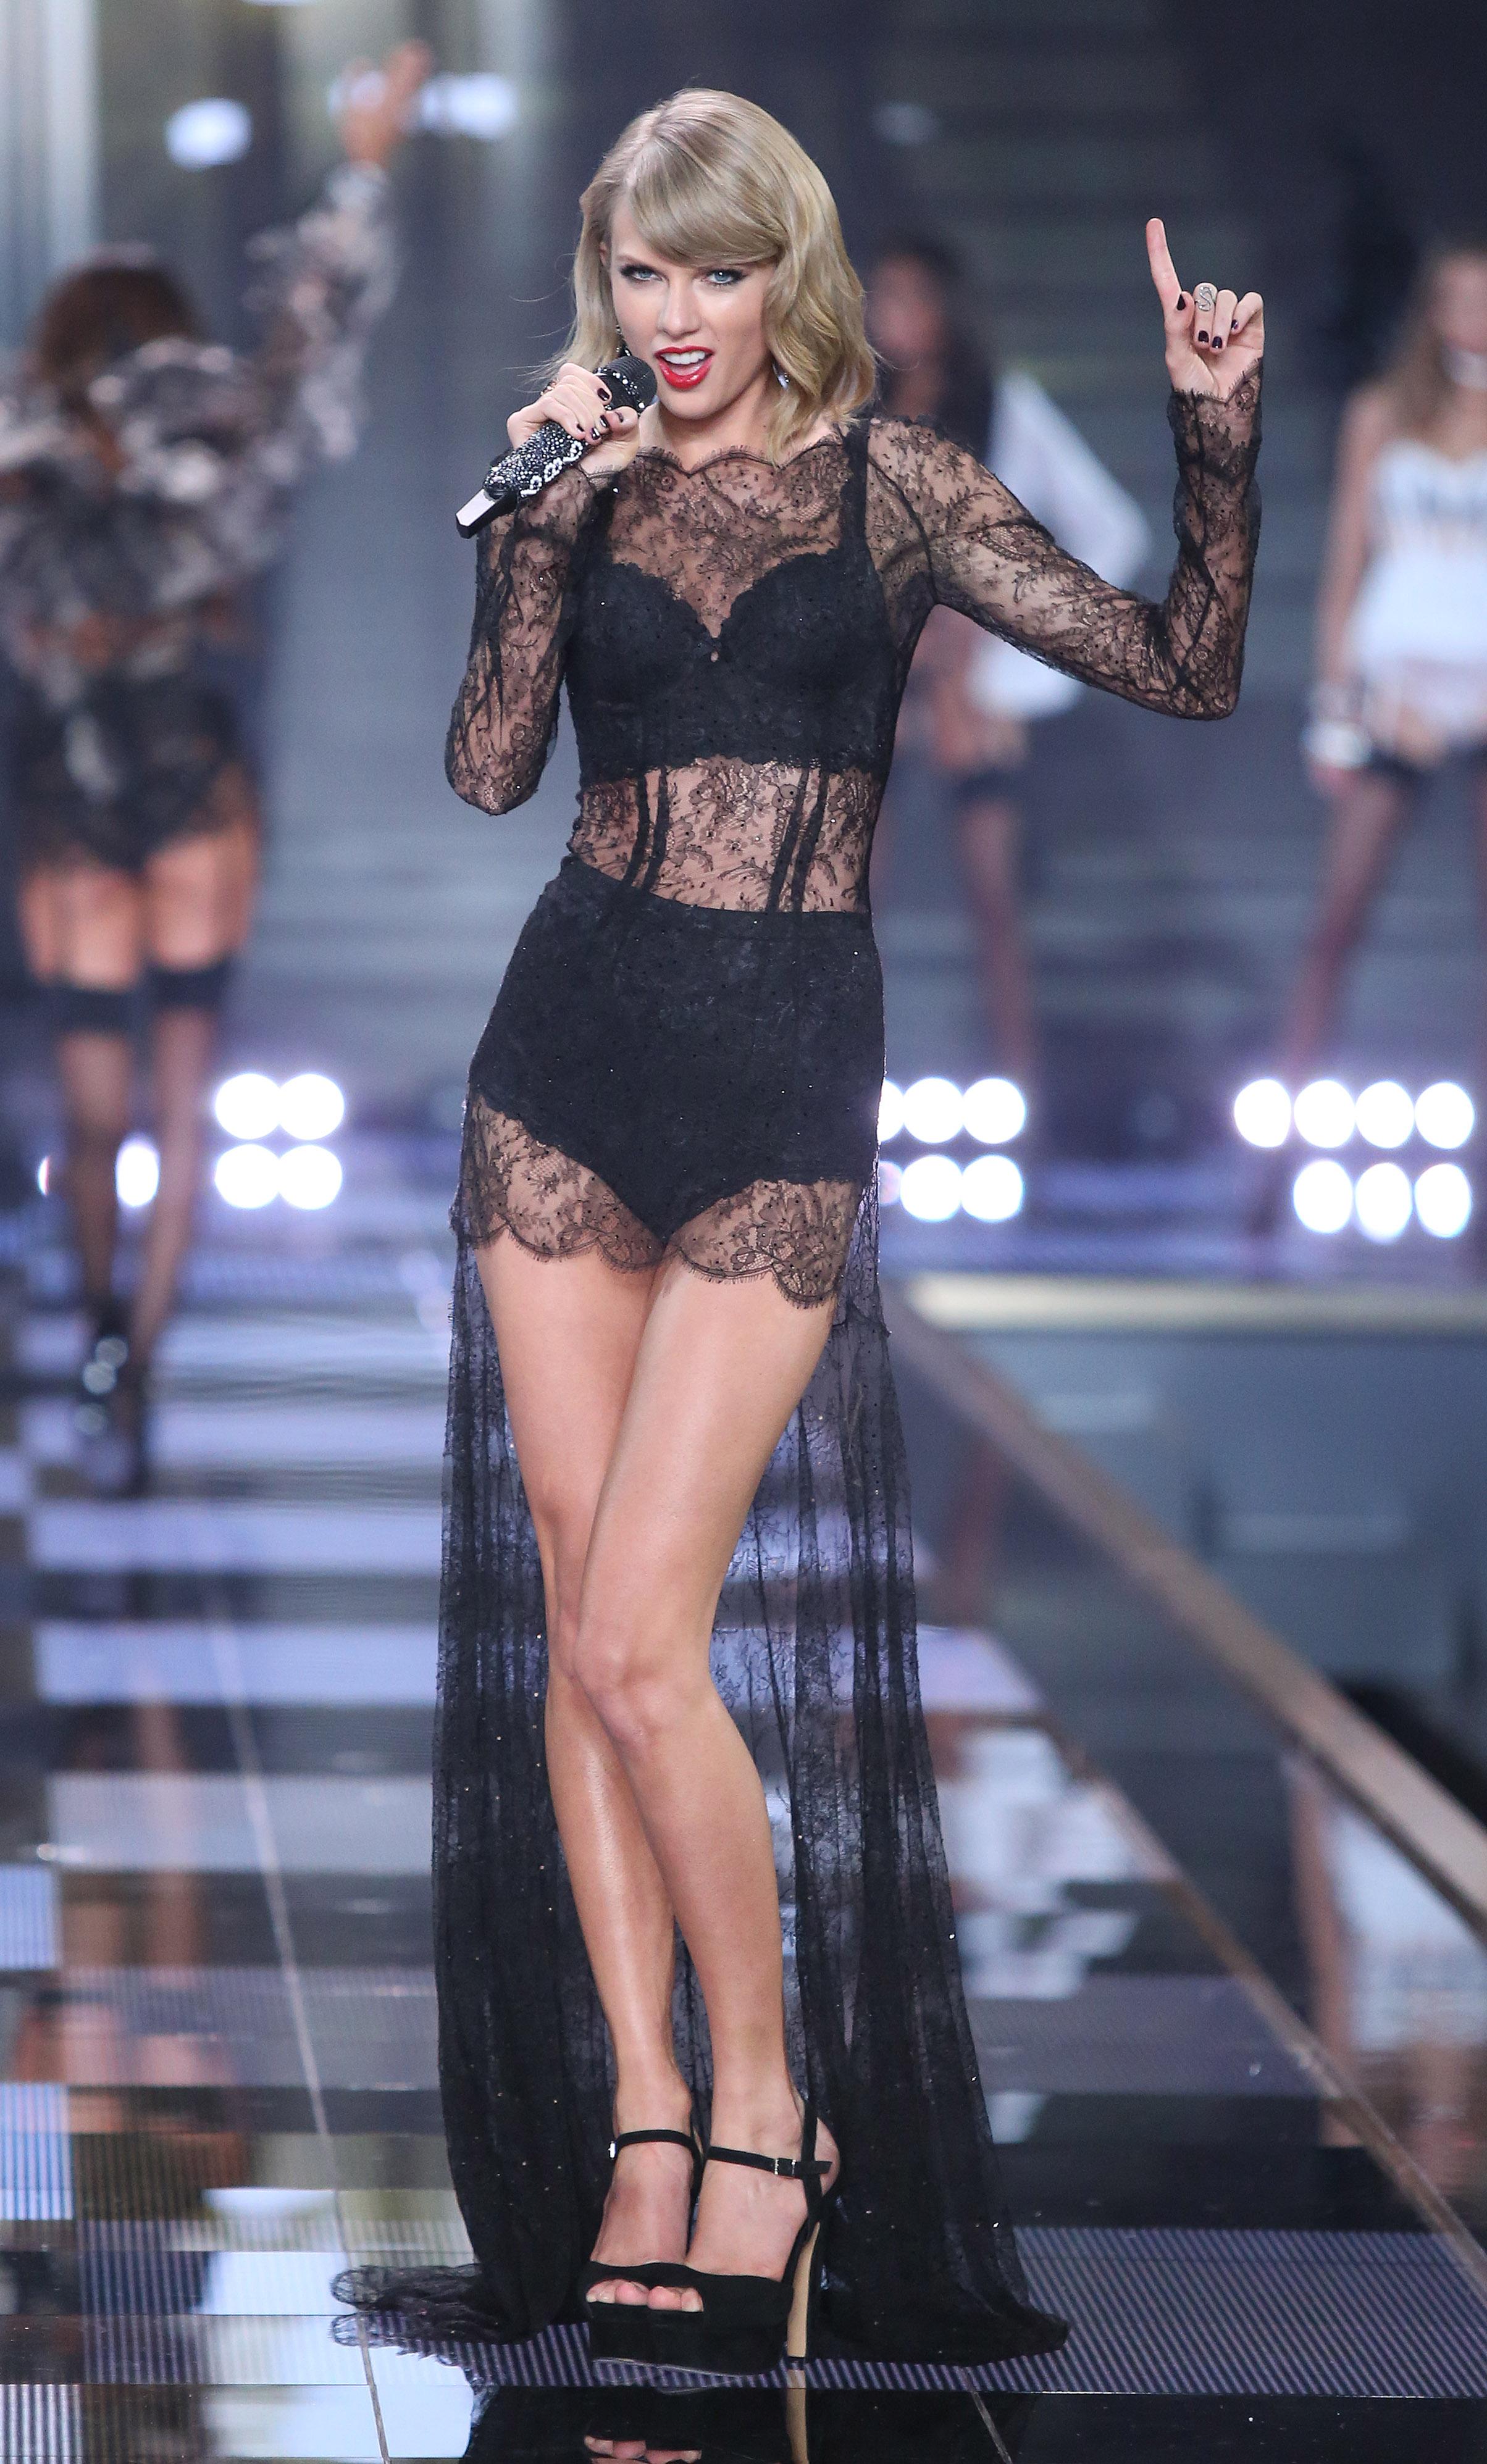 Певица Тейлор Свифт выступила в сексуальном платье